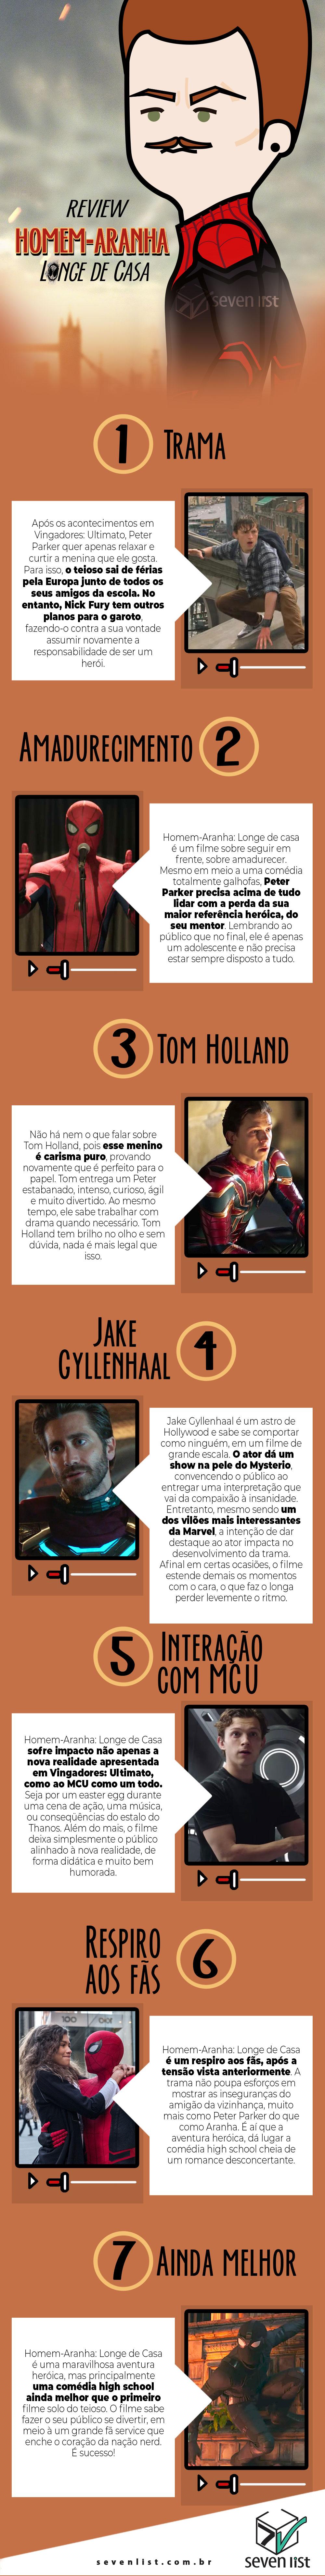 Seven List - crítica do filme homem aranha longe de casa da Marvel